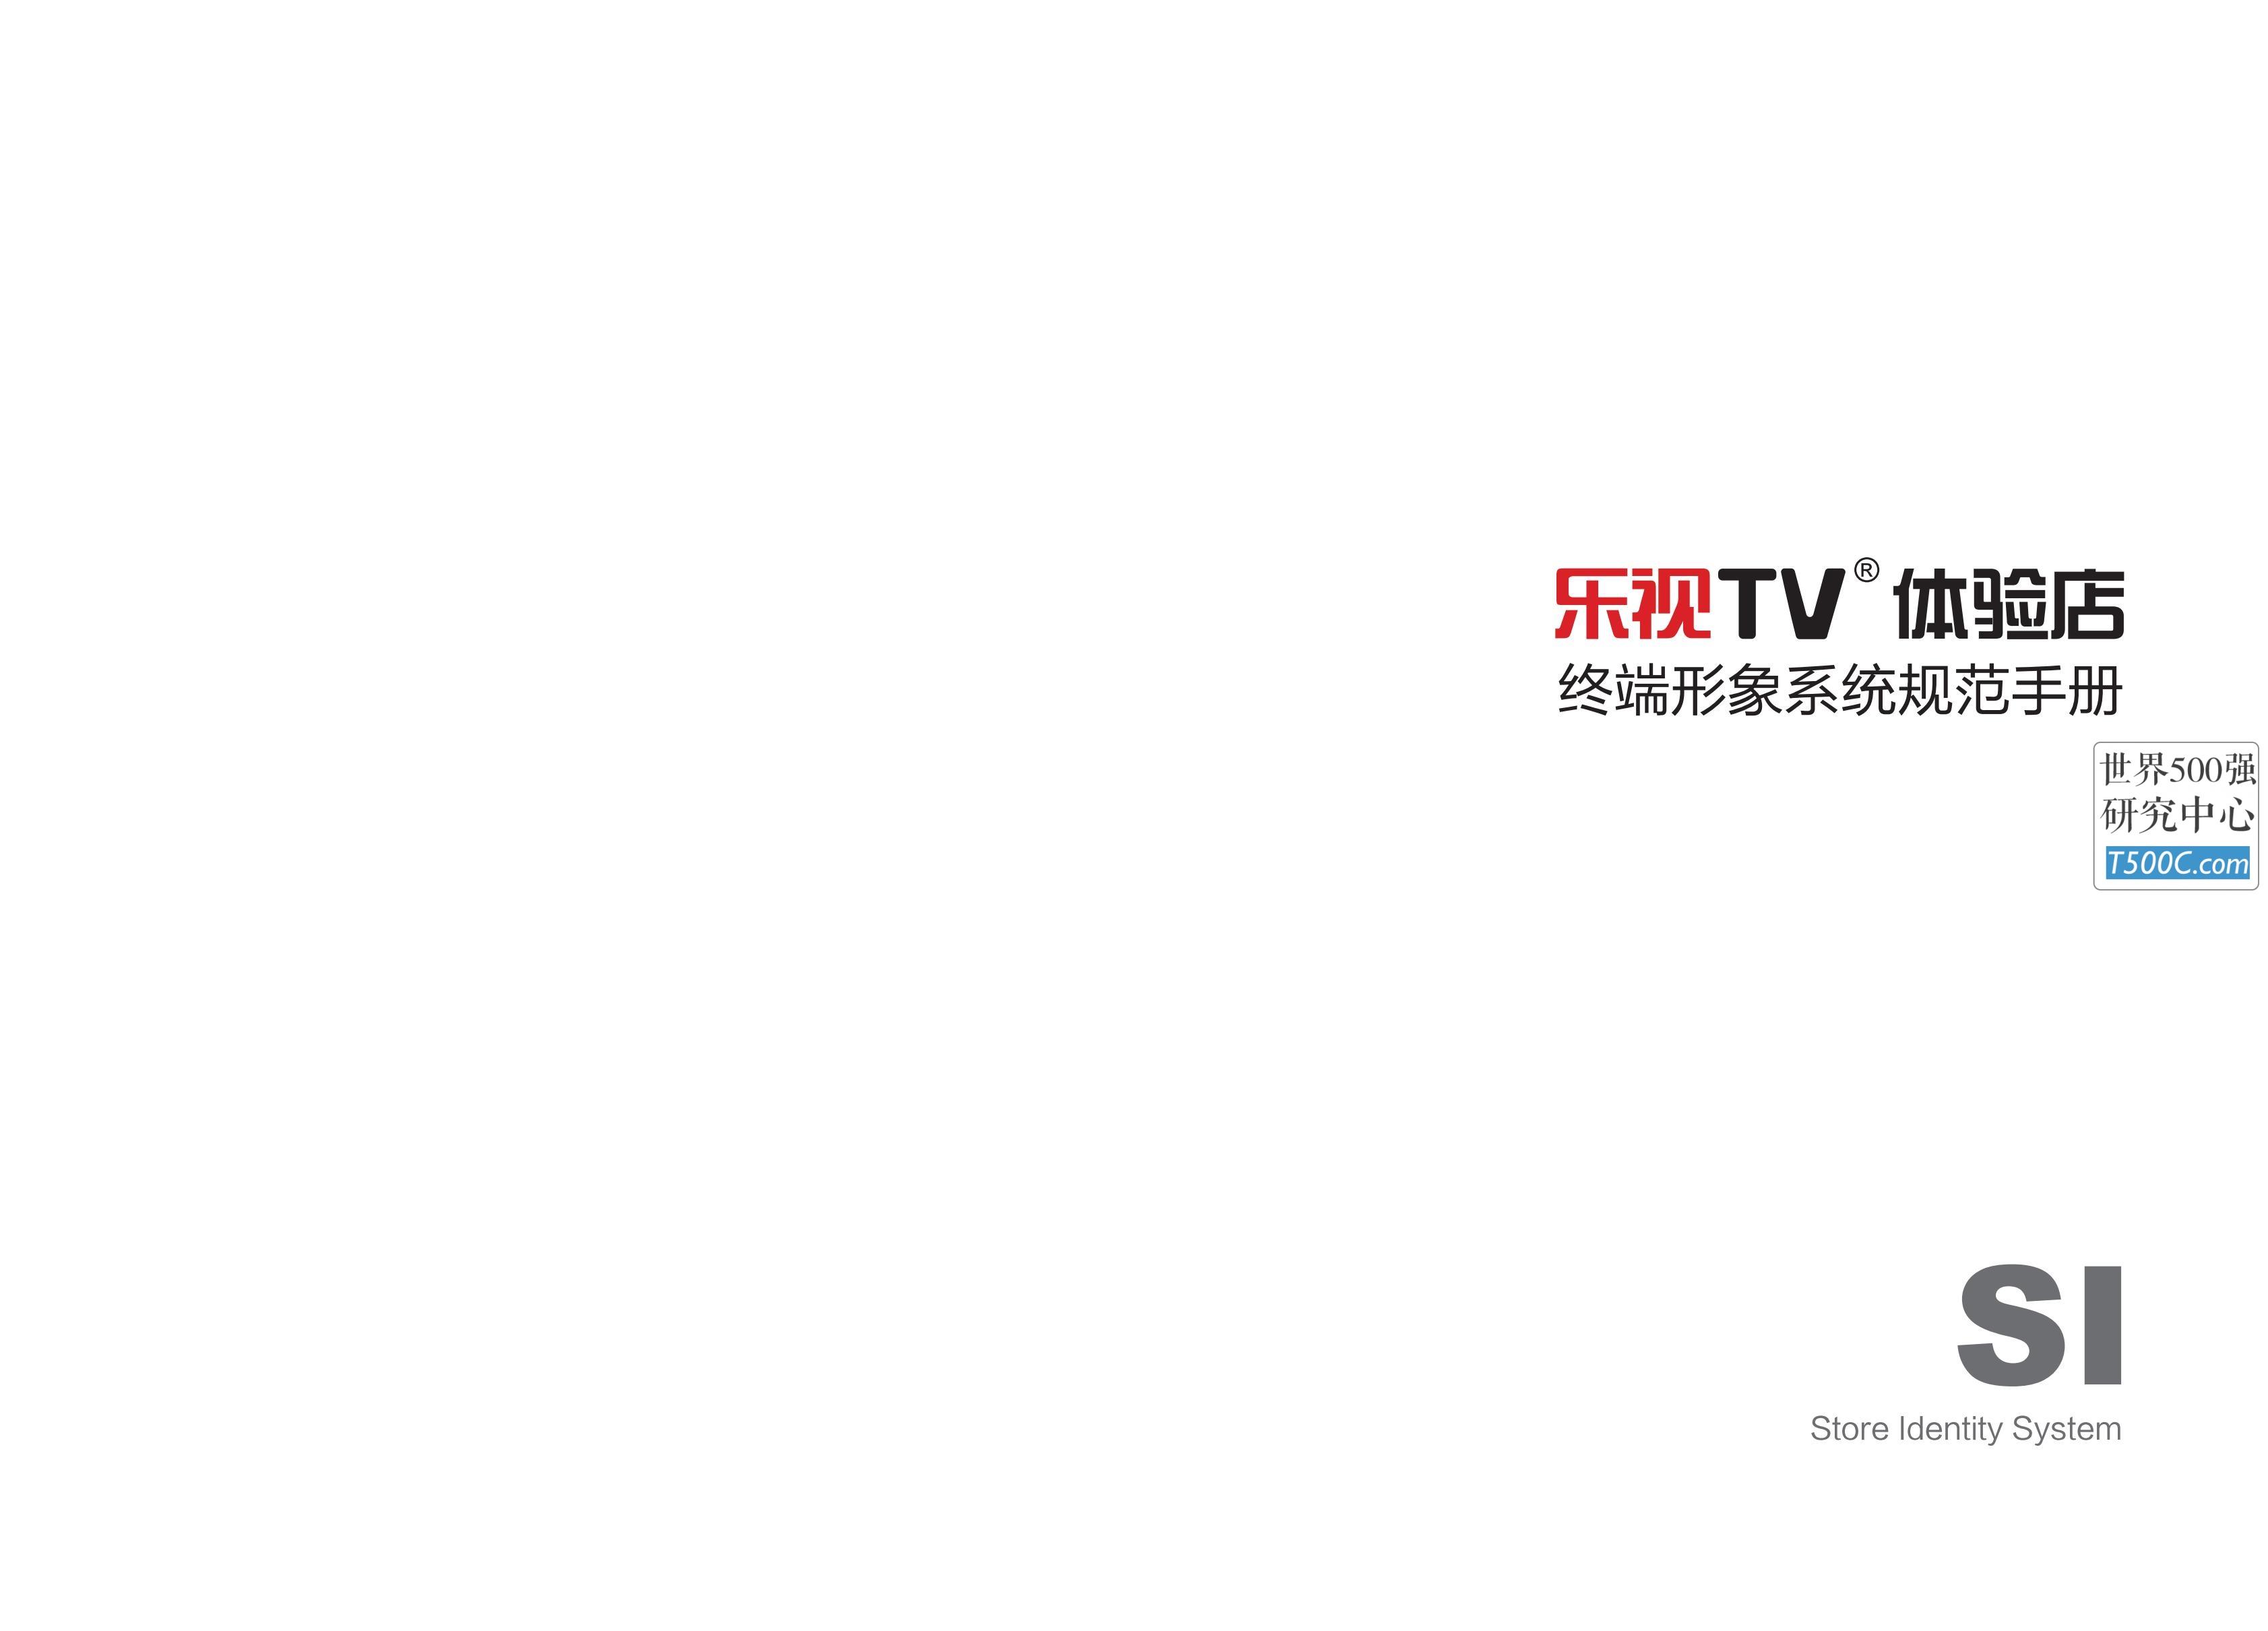 乐视TV_品牌形象手册_t500c.com_体验店VI手册